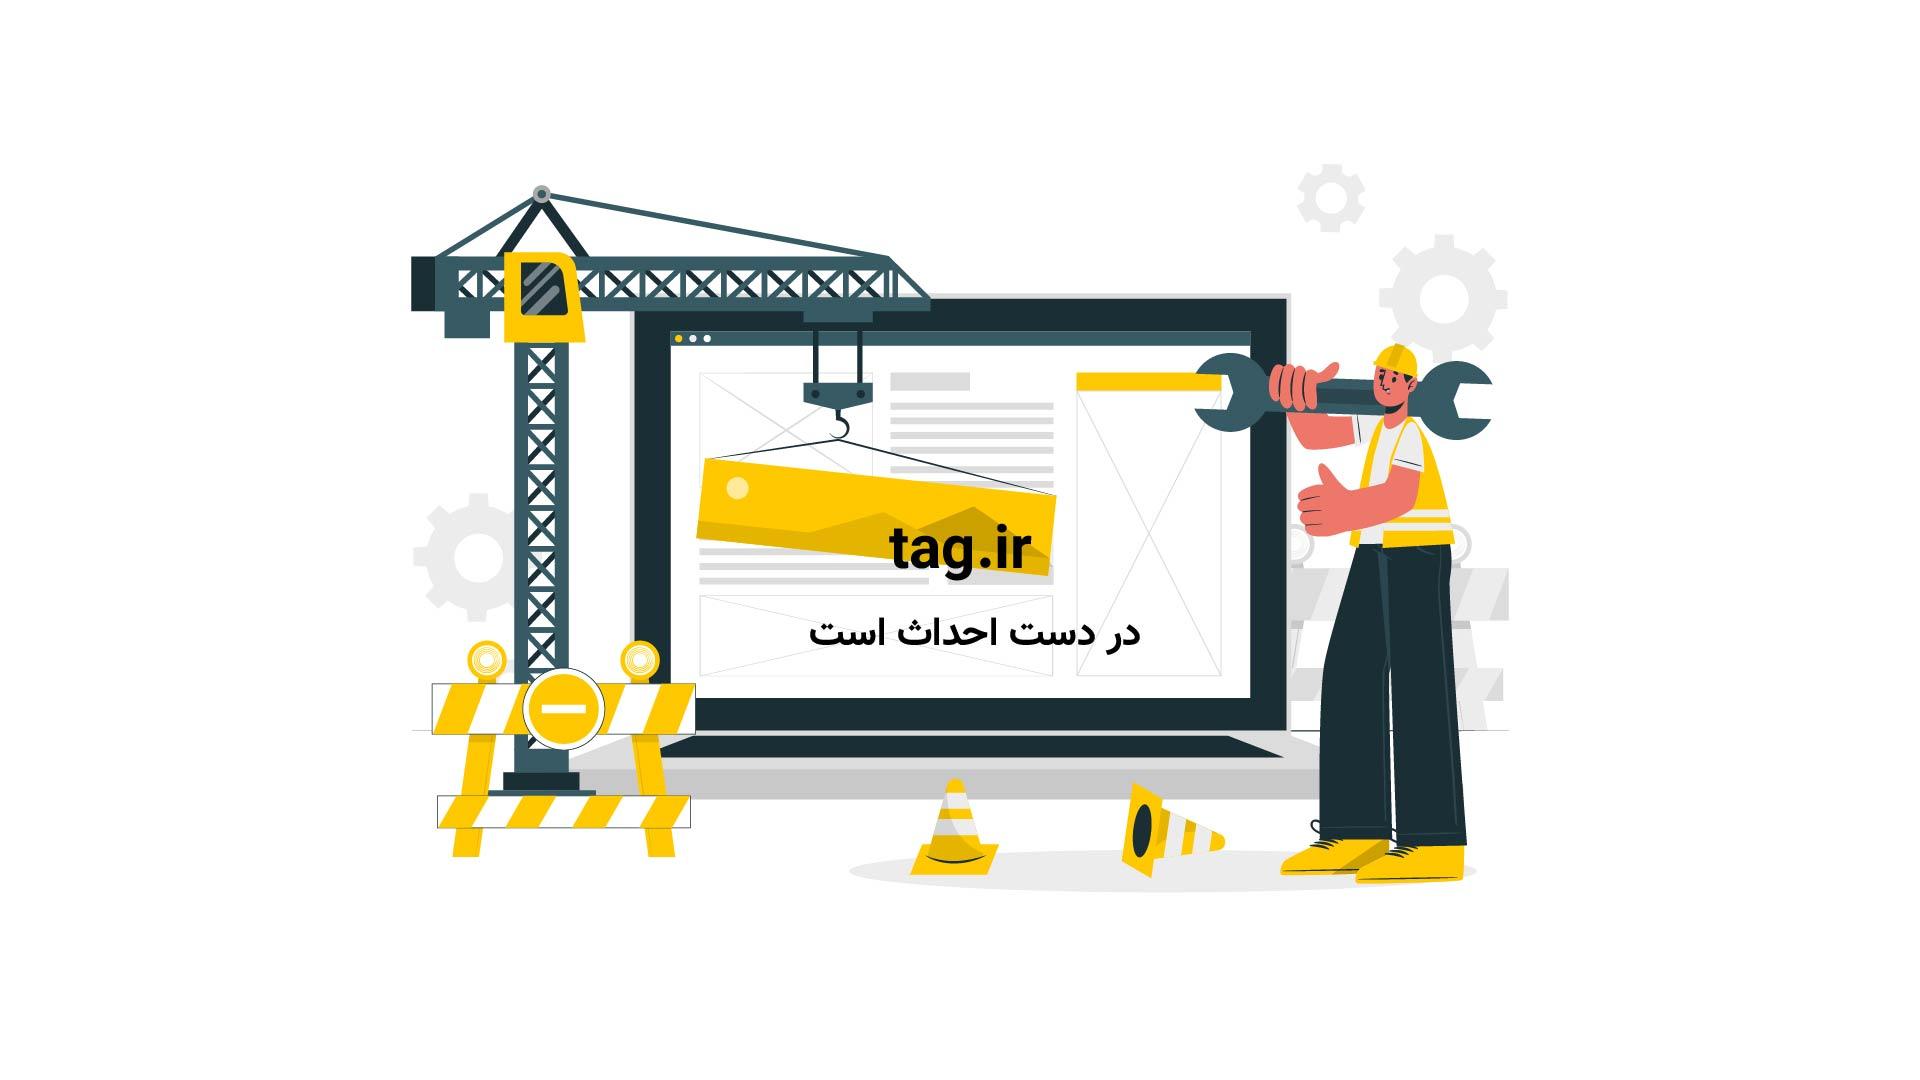 مداحی حاج محمود کریمی؛ نوحه های حضرت زینب کبری سال ١٣٨٥ + فیلم